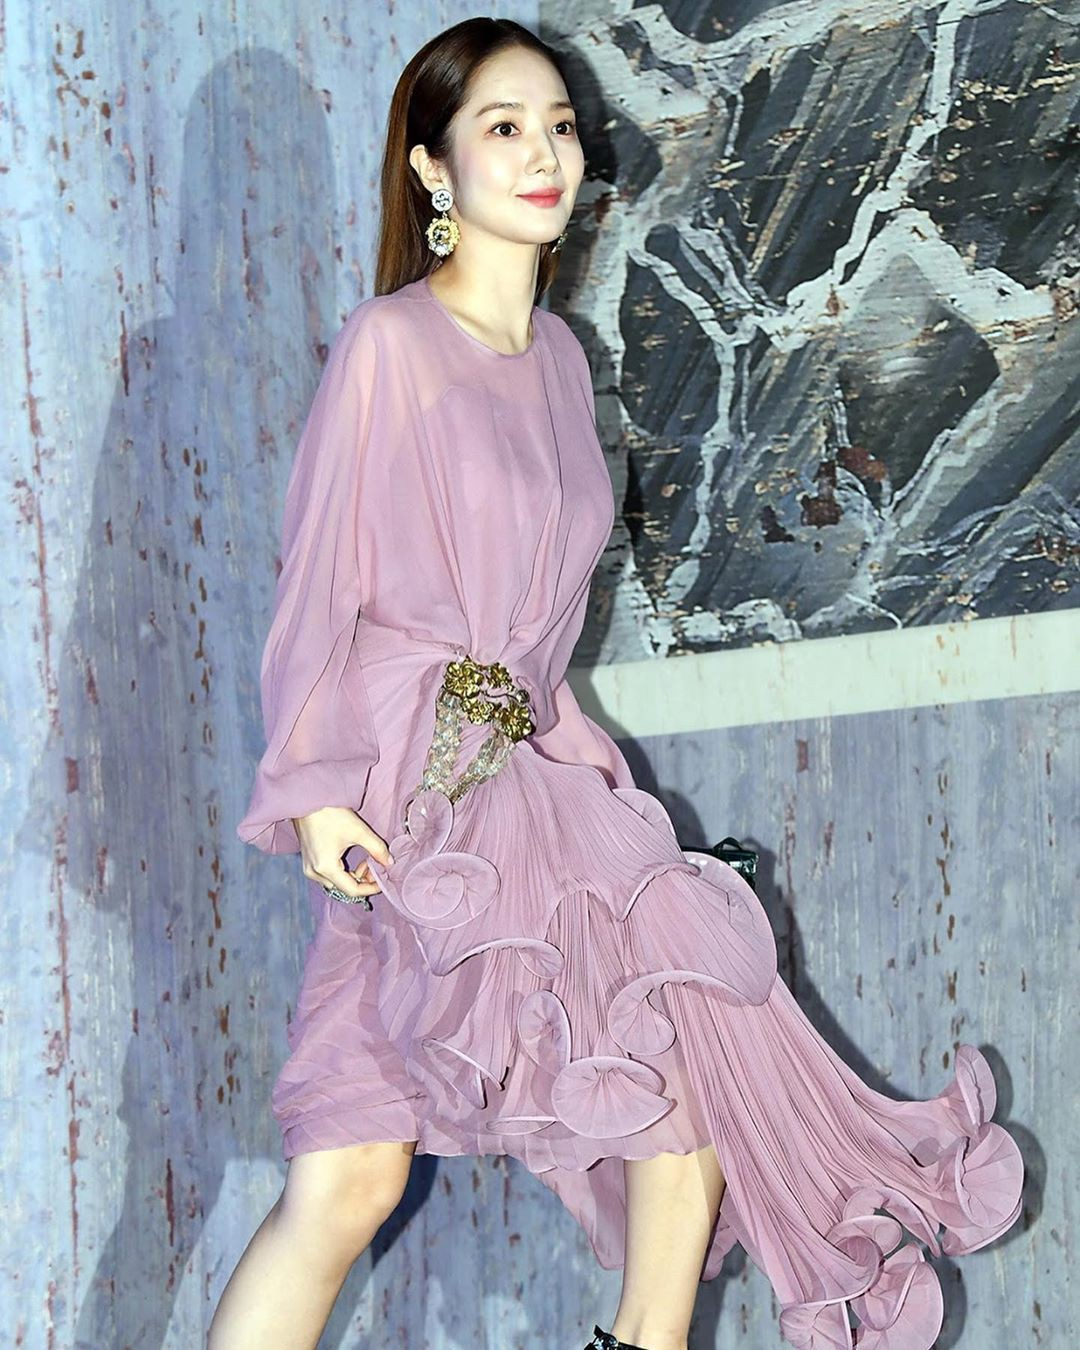 Park Min Young tự tay dìm dáng với đầm bánh bèo màu tím, gương mặt lộ dấu hiệu lão hóa kém sắc giữa dàn mỹ nhân-2